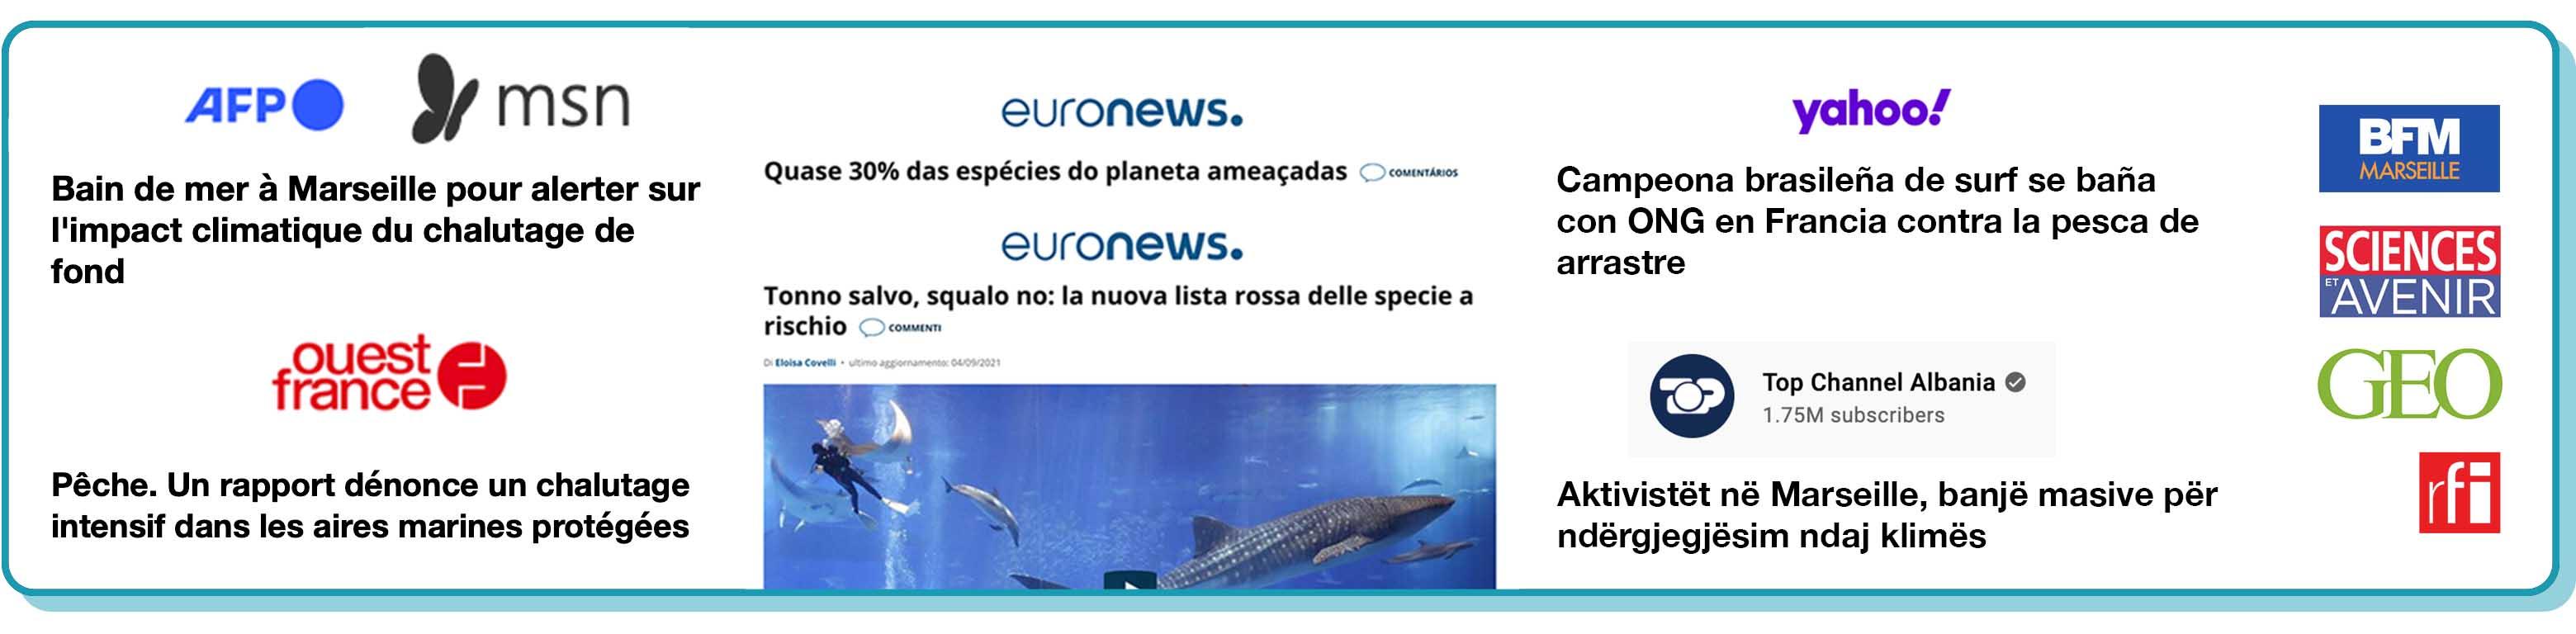 Screenshots von Nachrichtenartikeln über das Event in verschiedenen Sprachen ist zu sehen.